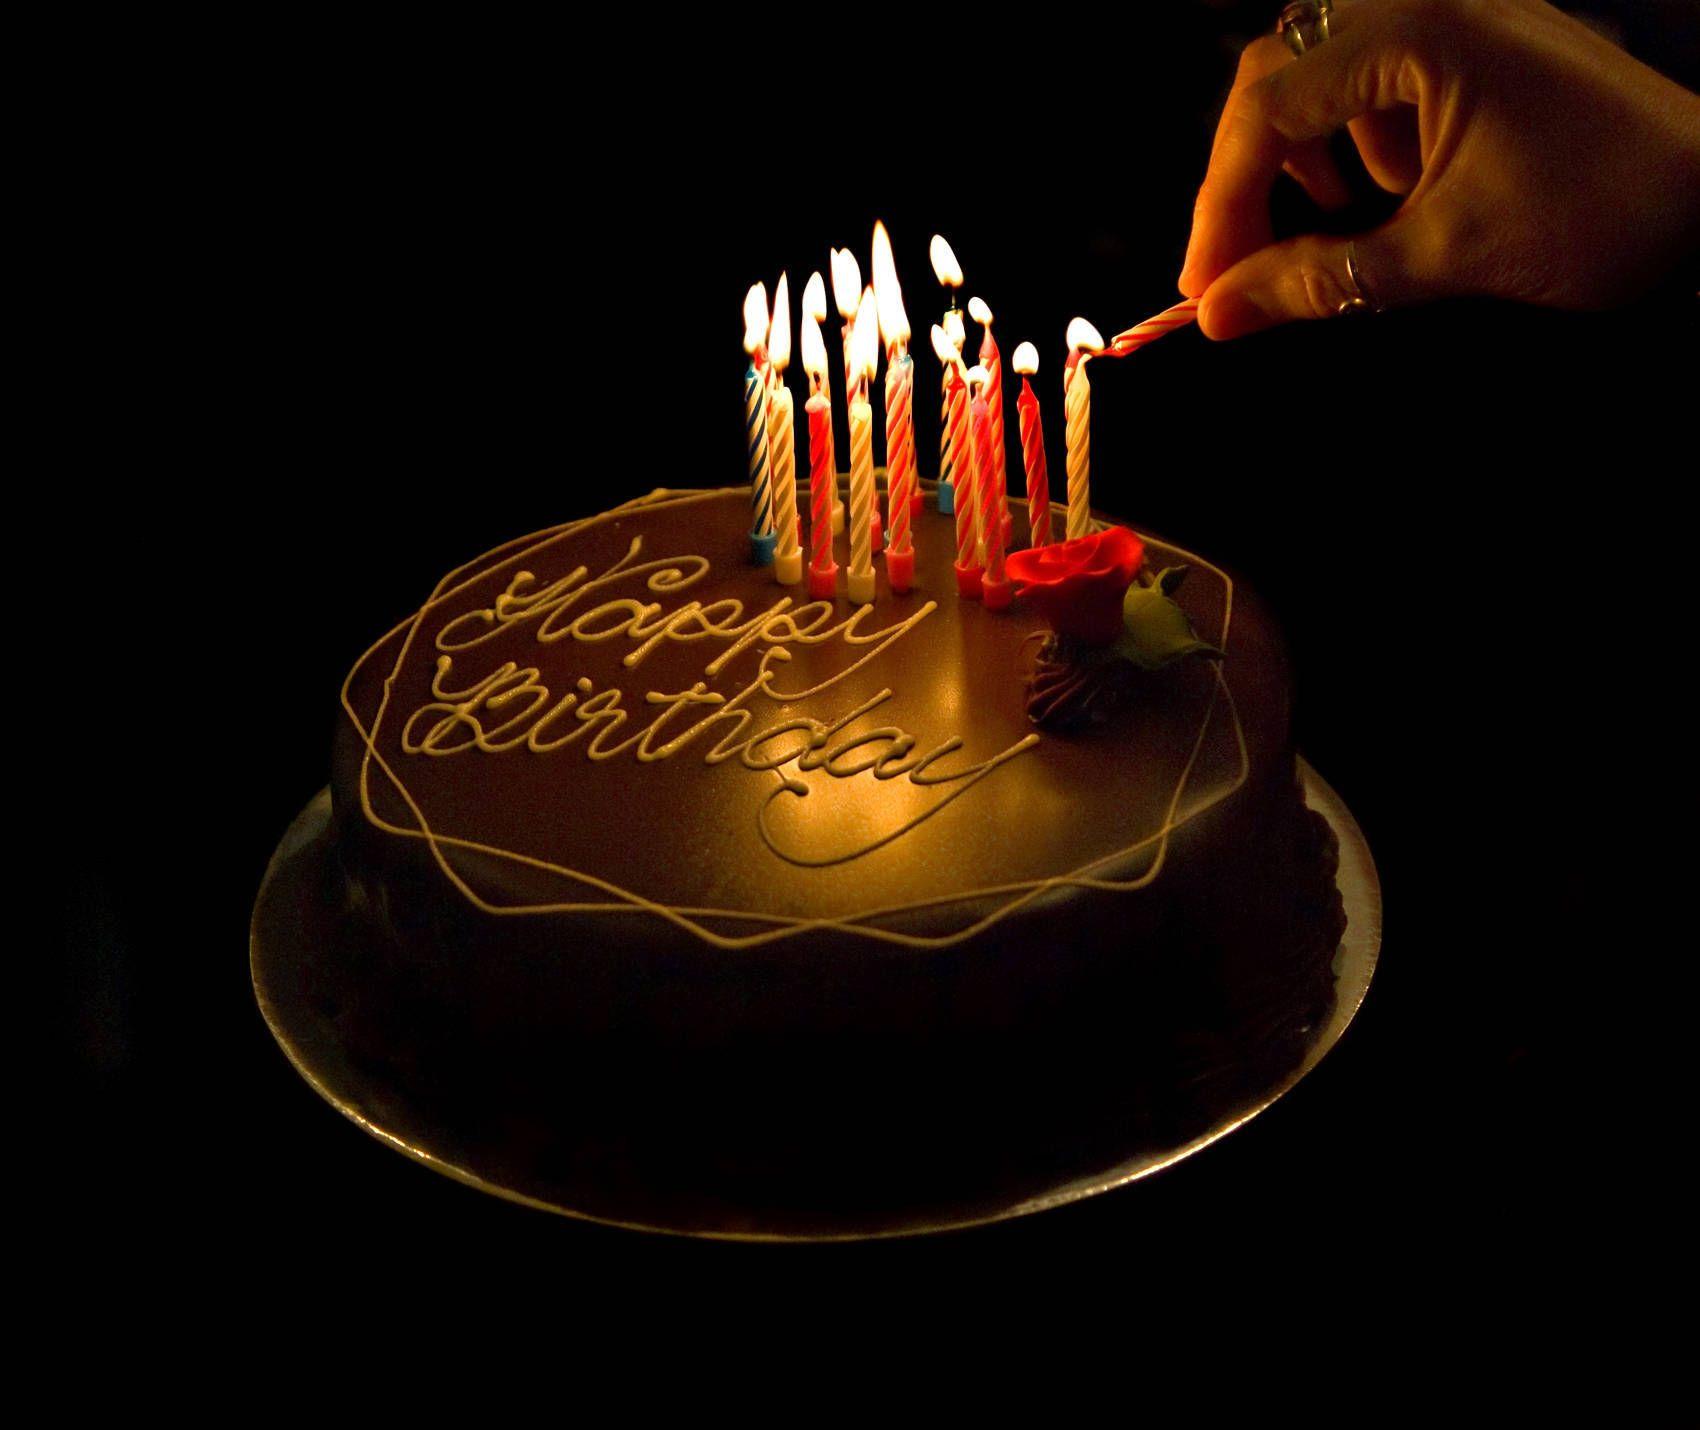 Открытка с поздравлением с днем рождения мужчине торты картинки